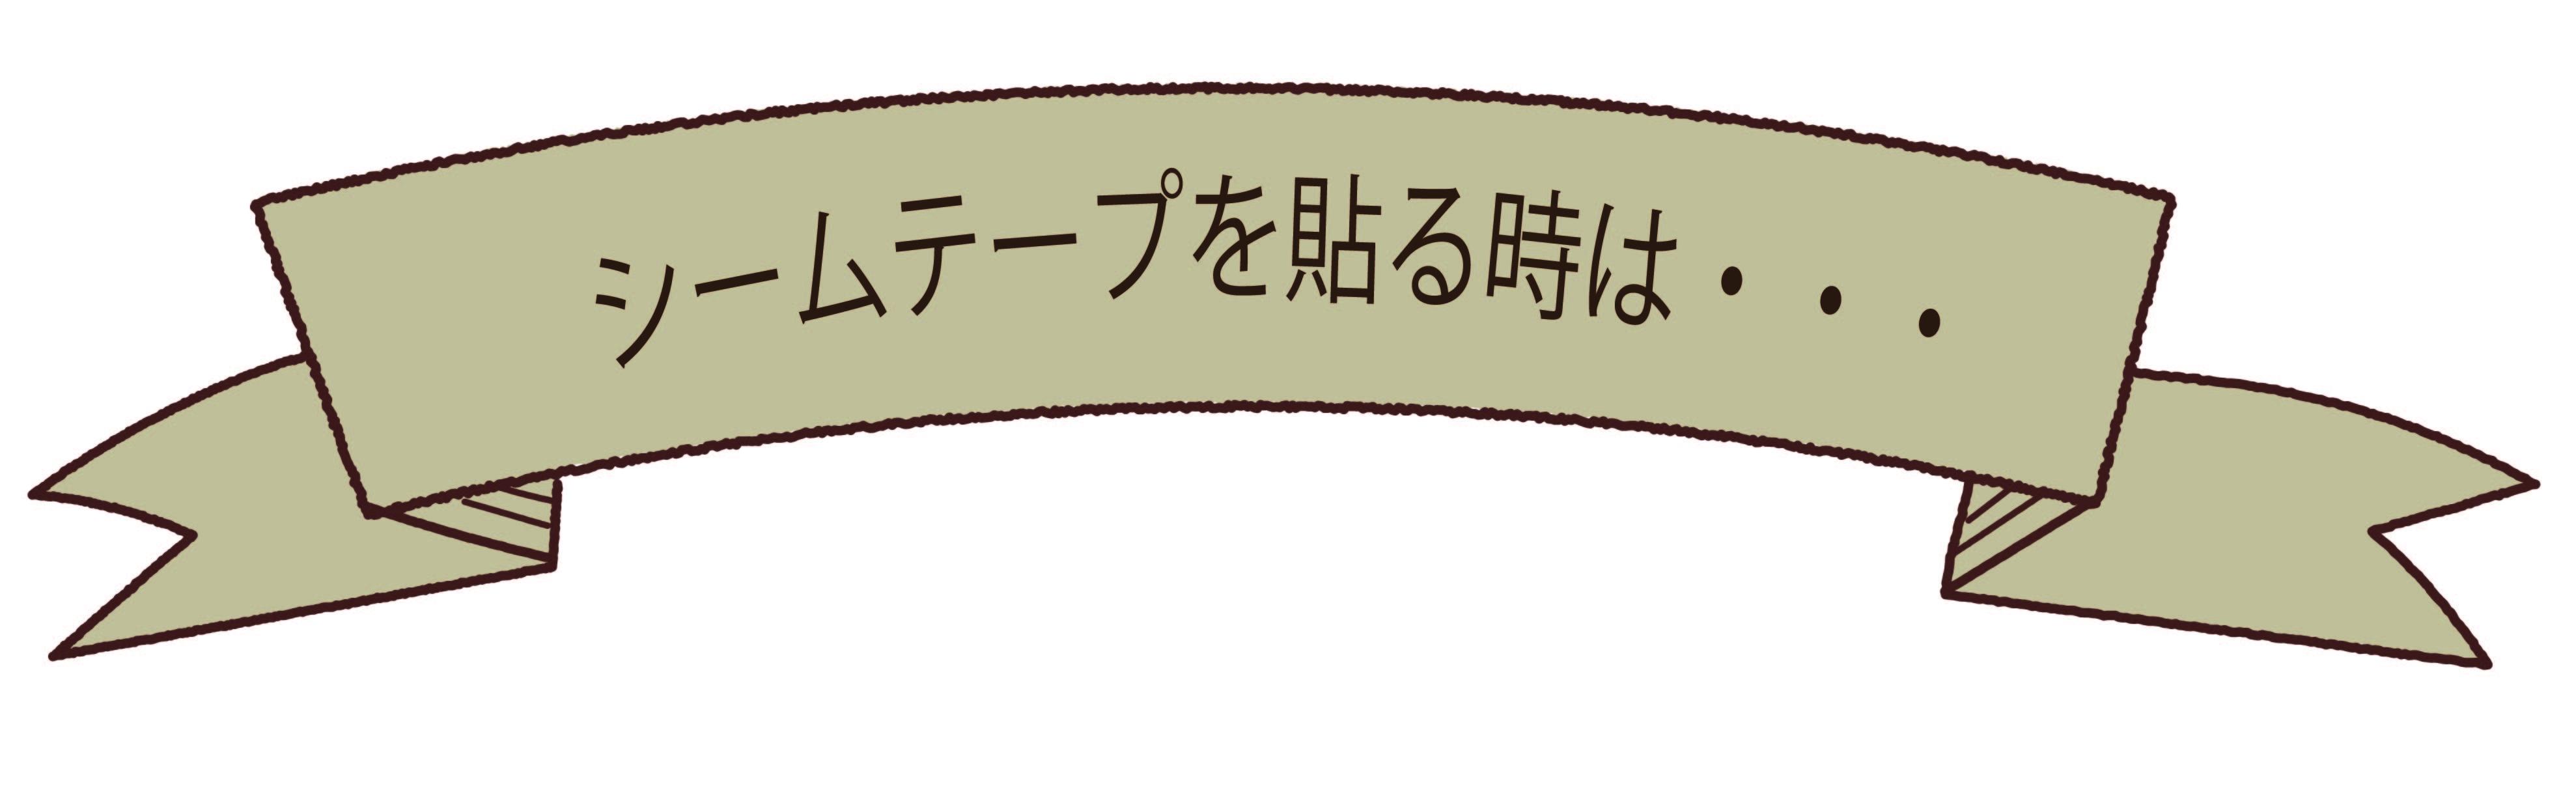 #003まとめ シームテープを使った補修方法-02